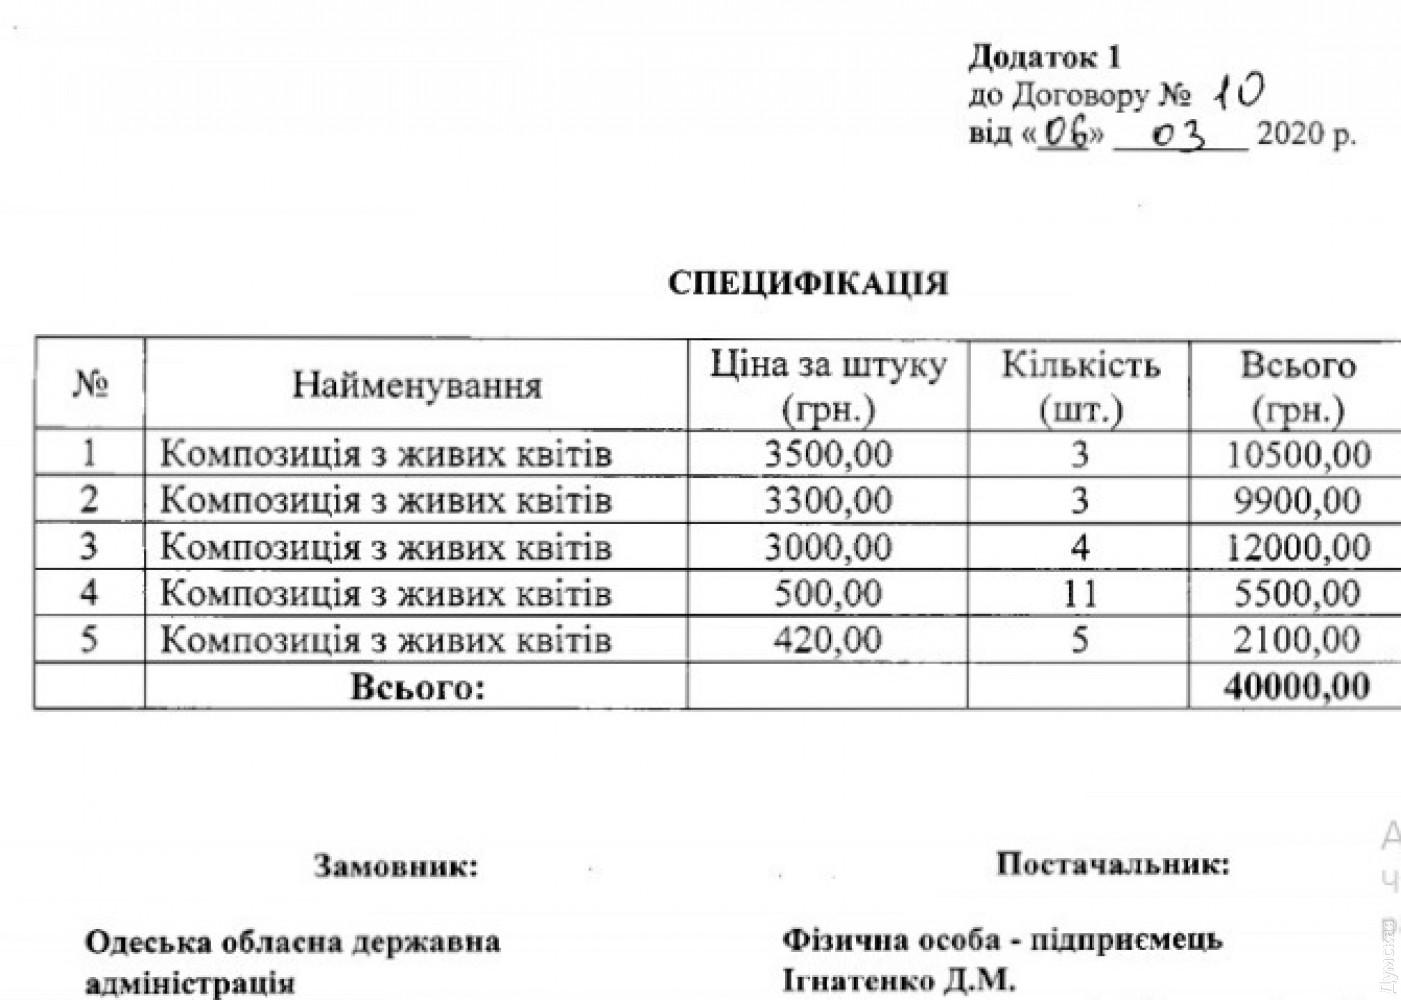 Одеська облдержадміністрація закупила квіткові букети: найдорожчі - по 3,5 тисячі грн